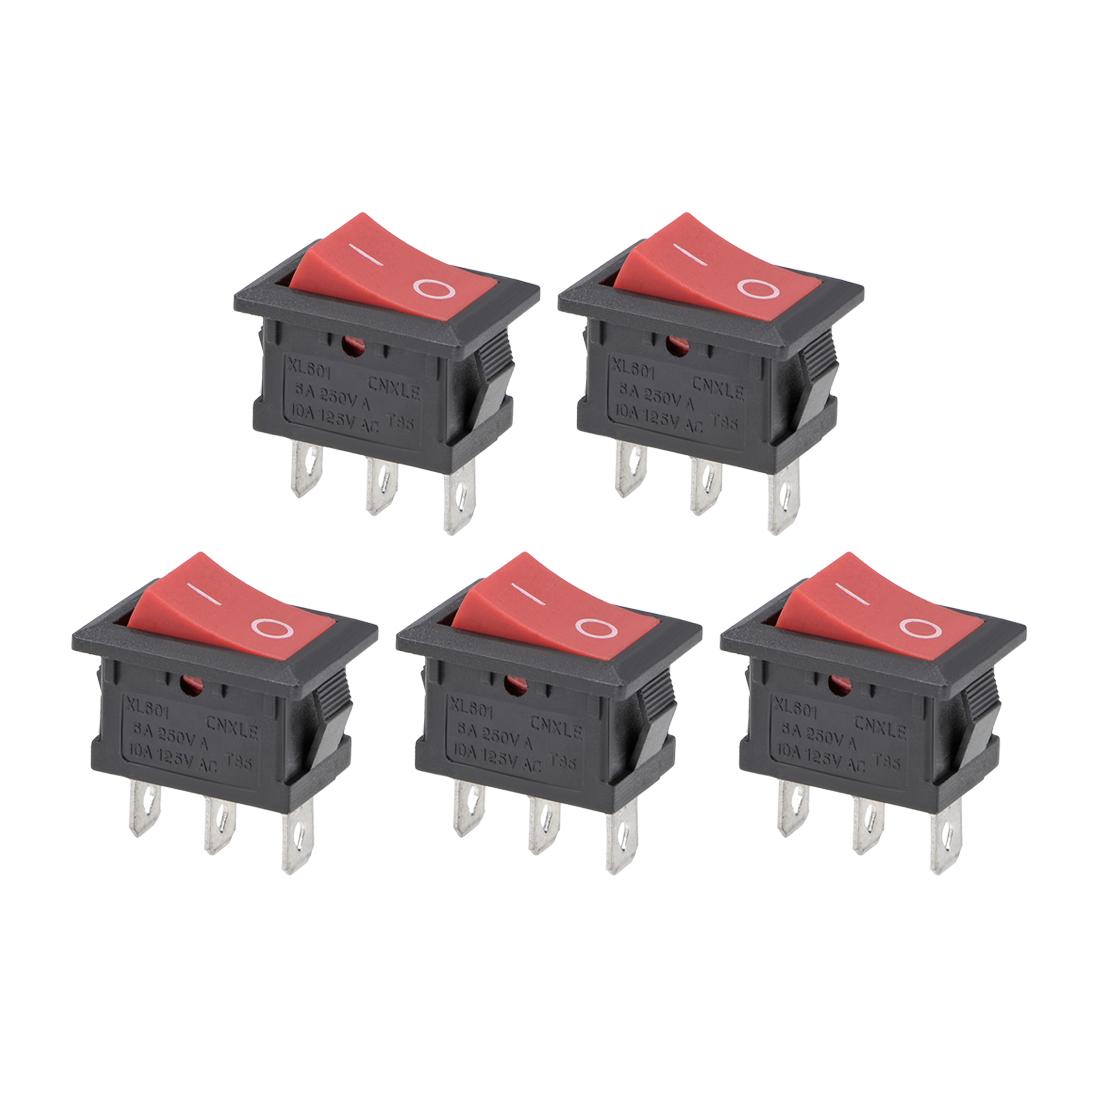 Rocker Switch AC 6A/250V 10A/125V 3 Pin Mini Boat SPDT Toggle Switch ON-ON 5Pcs